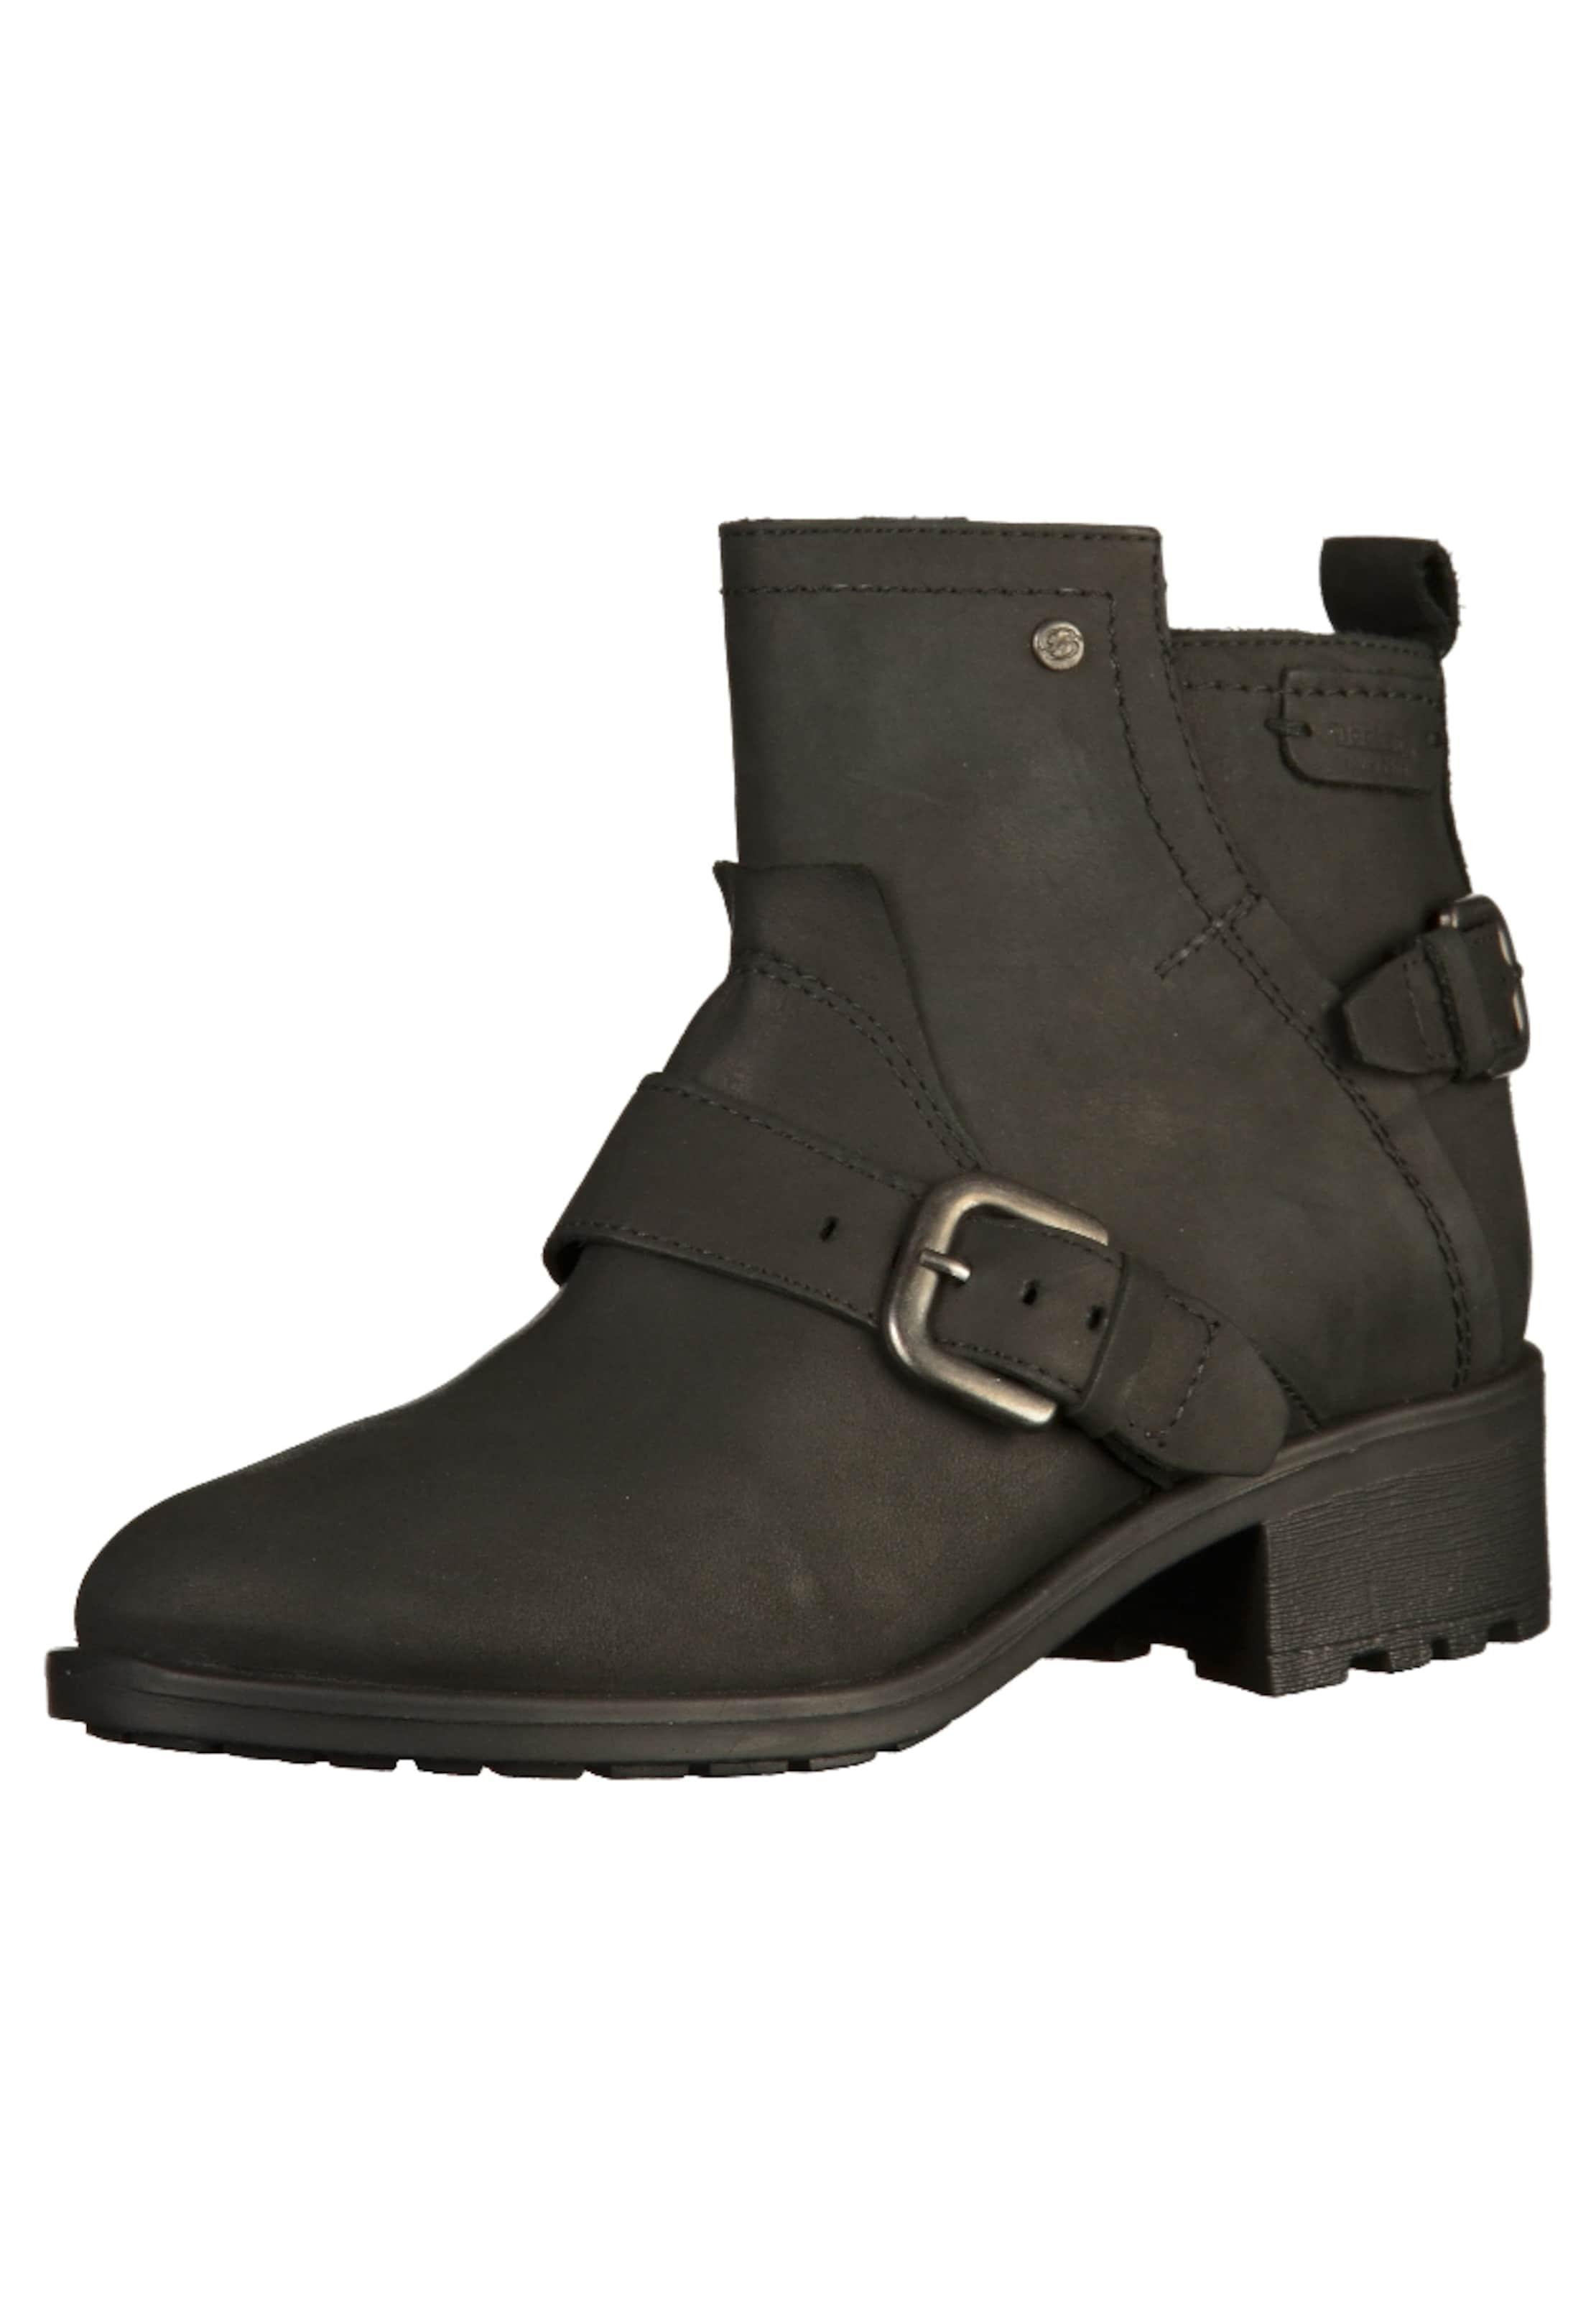 Dockers by Gerli Stiefelette Günstige und langlebige Schuhe